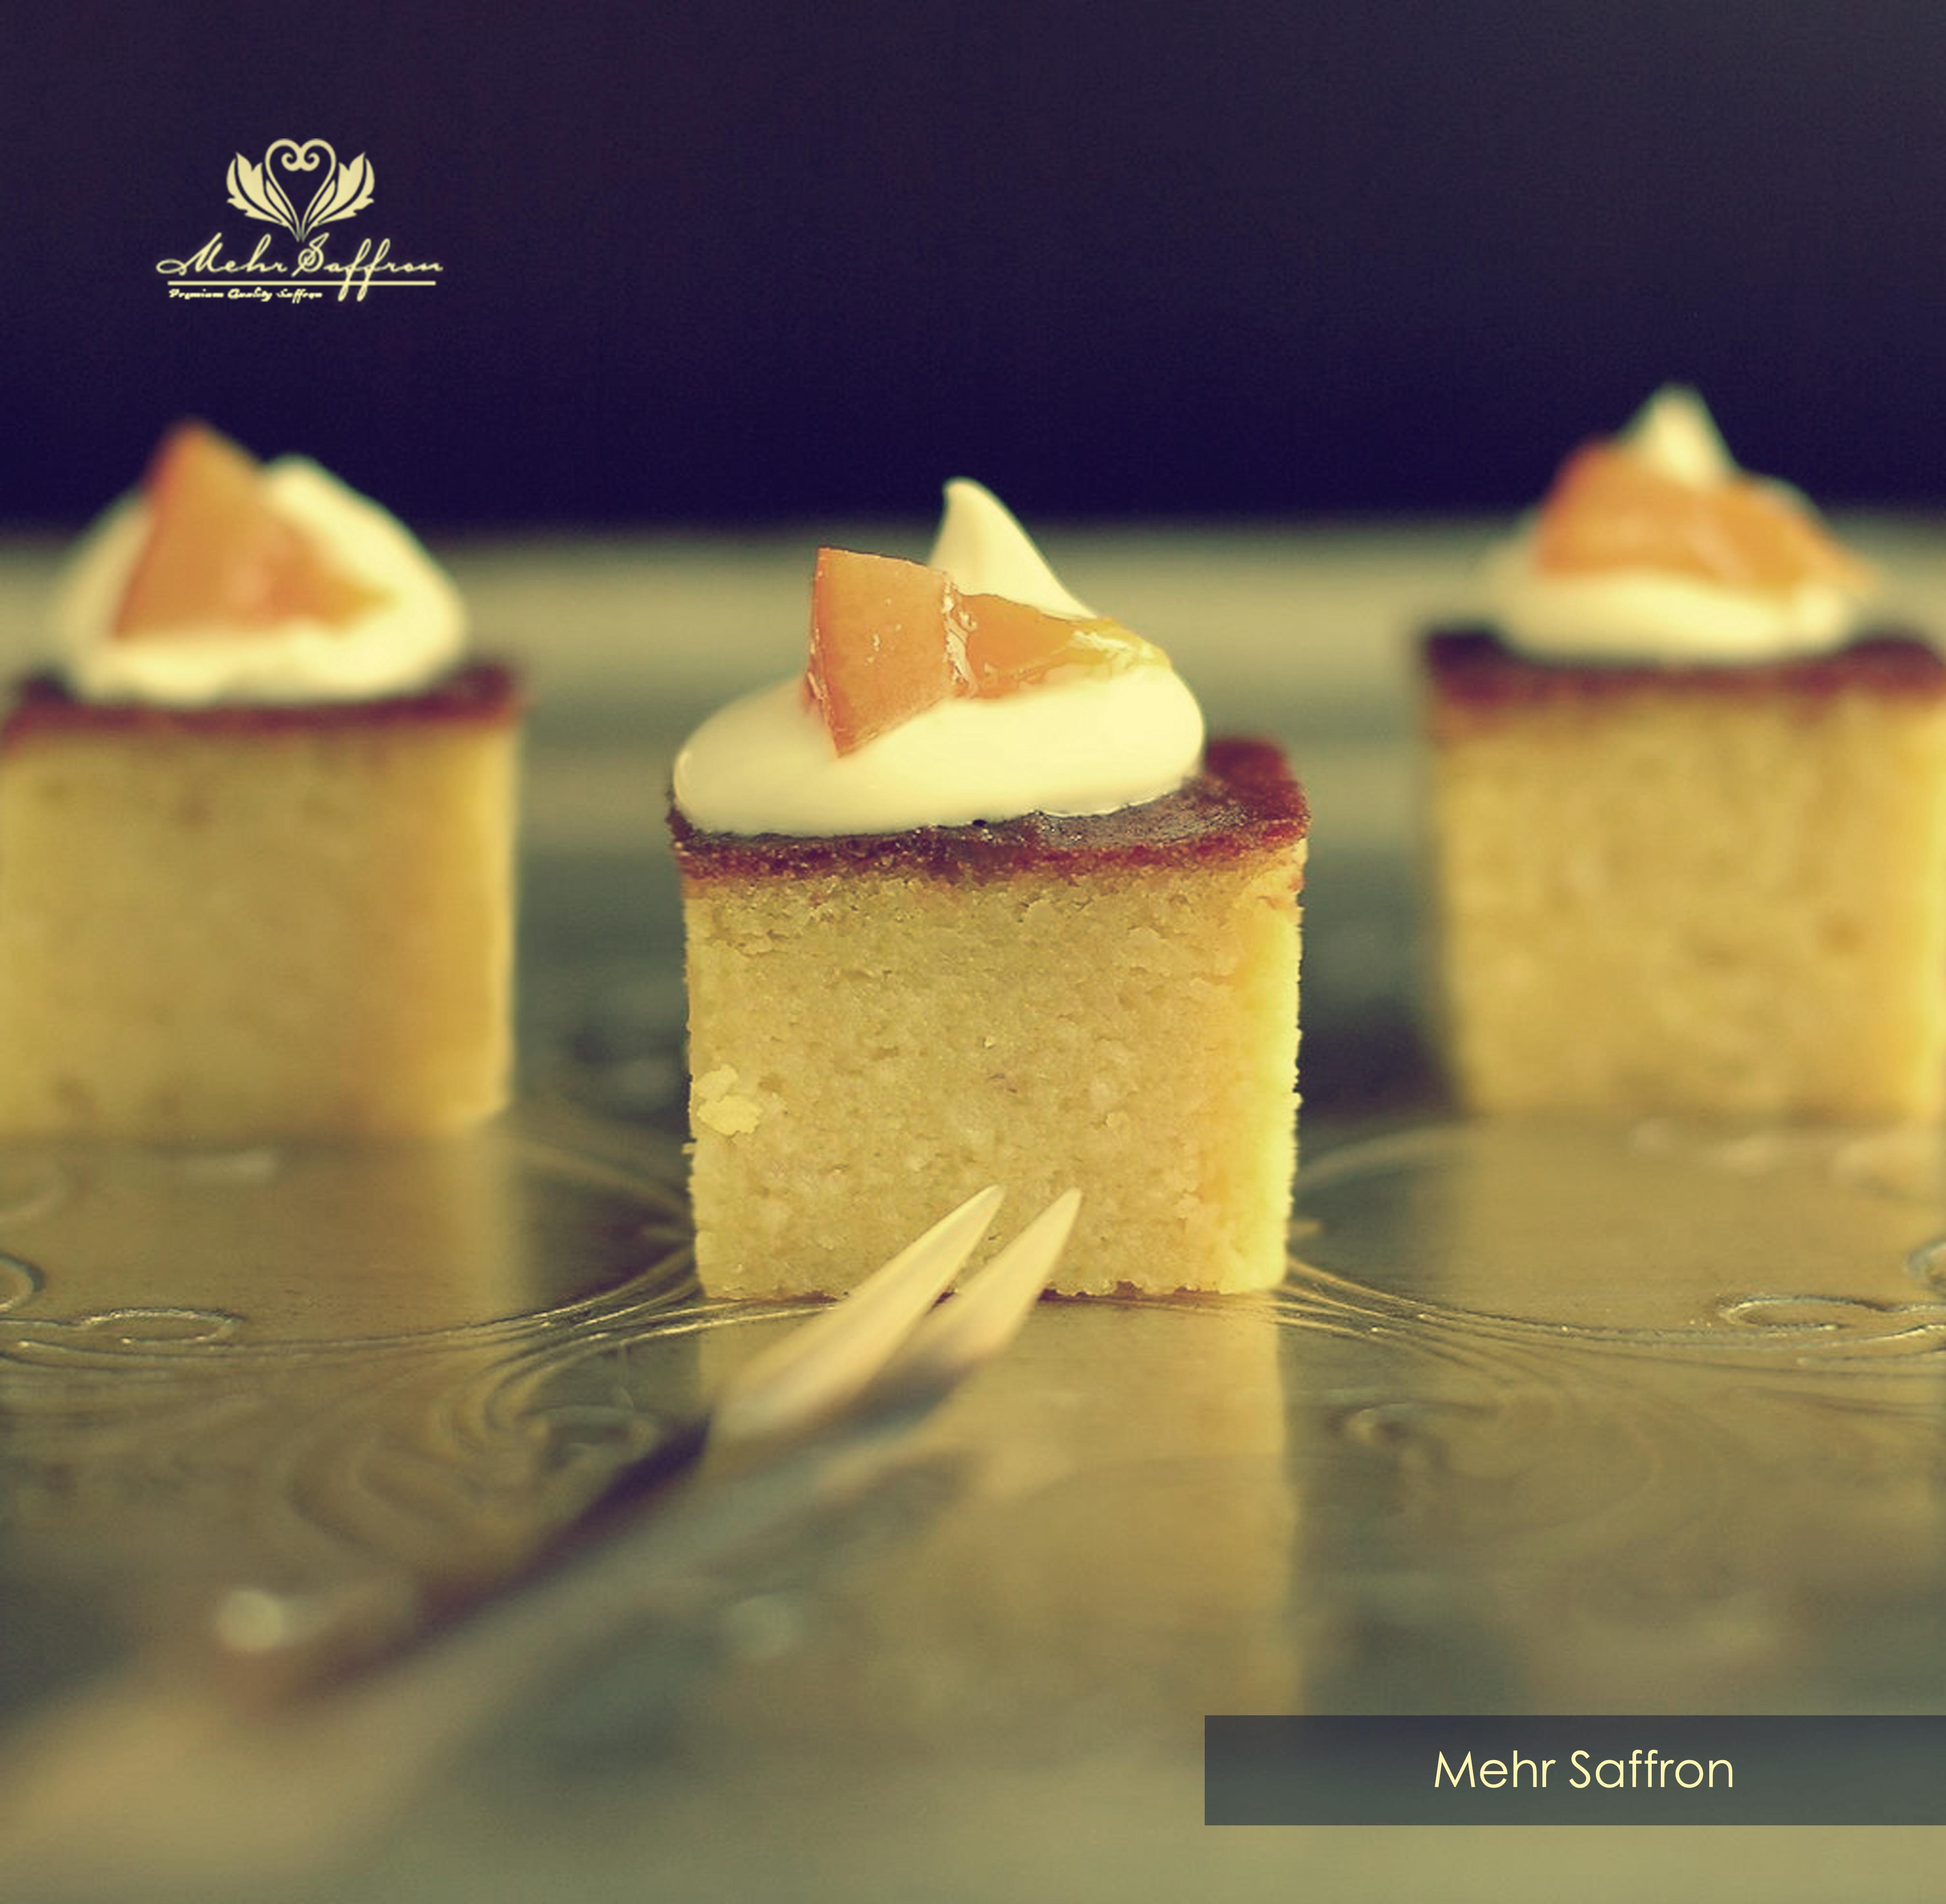 Flourless Orange Cake - Mehr Saffron